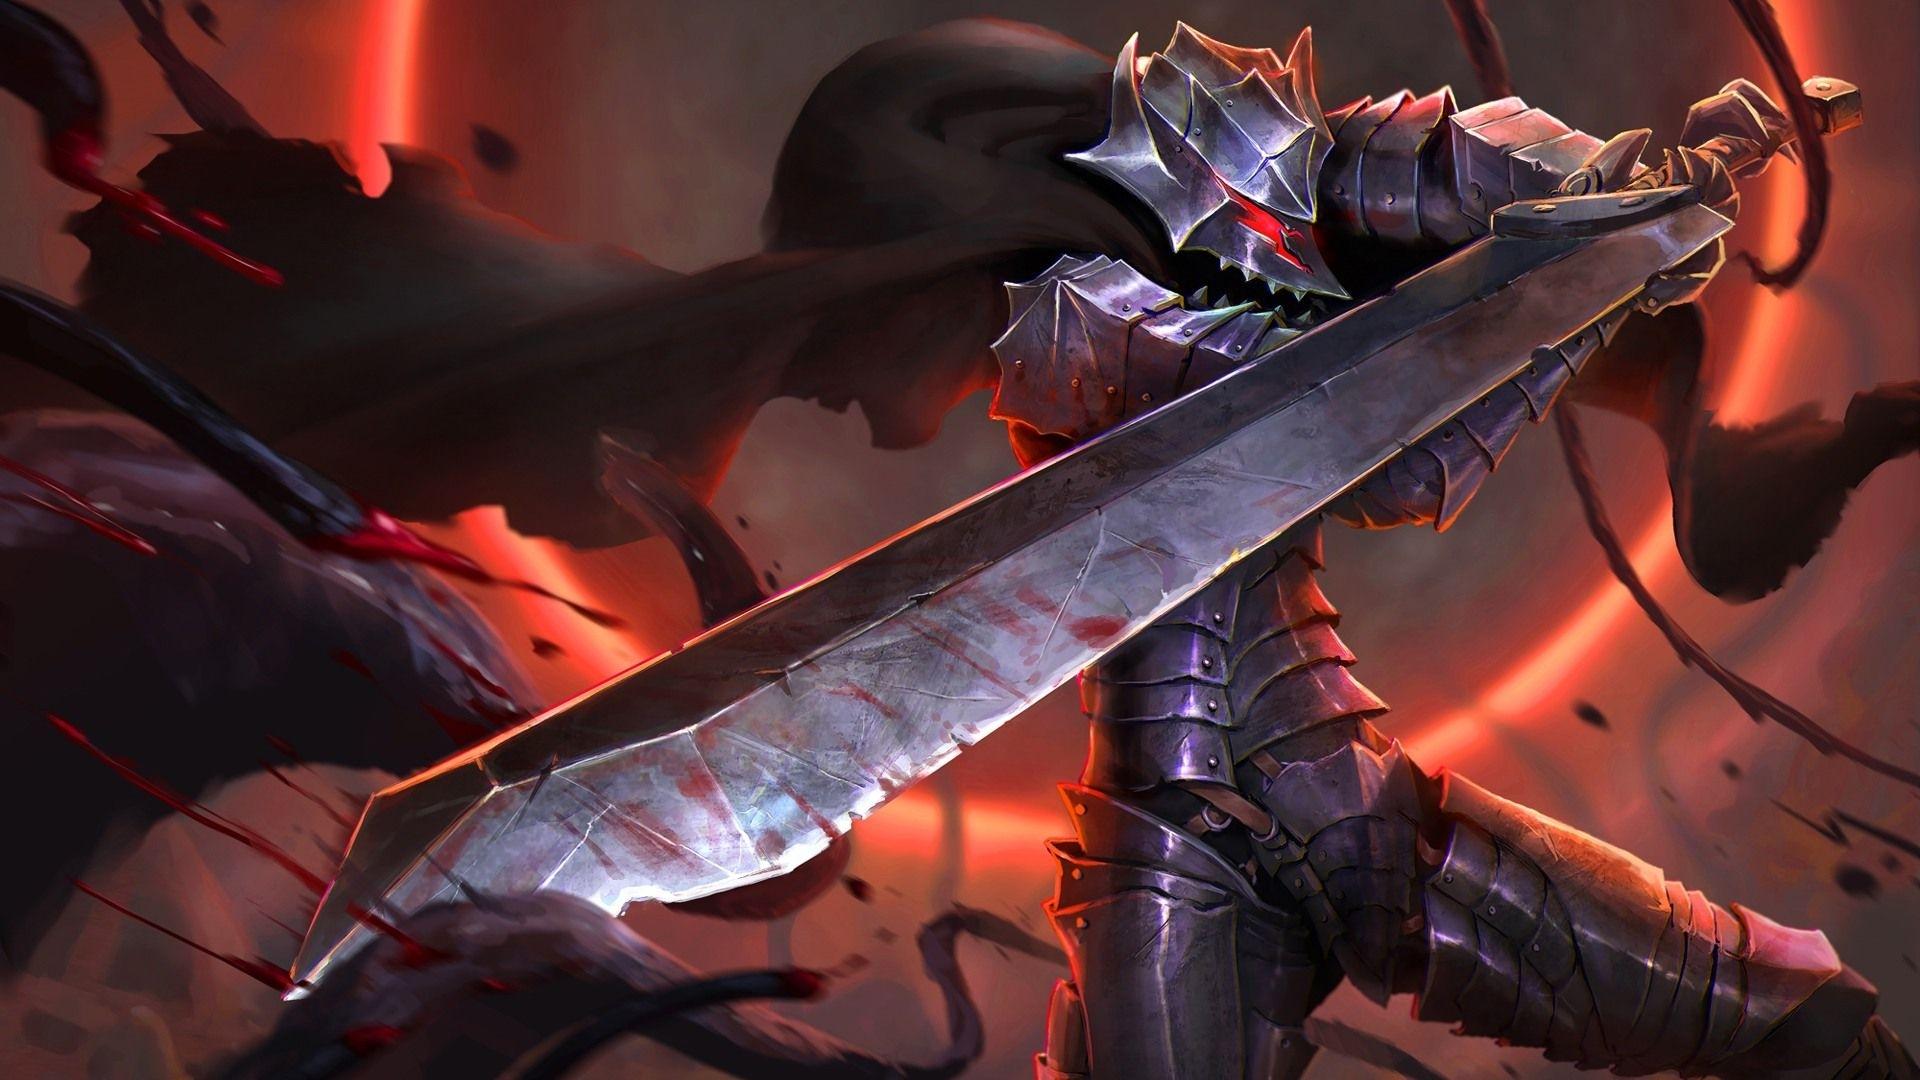 guts berserker armor wallpaper 1920x1080 | berserk | pinterest